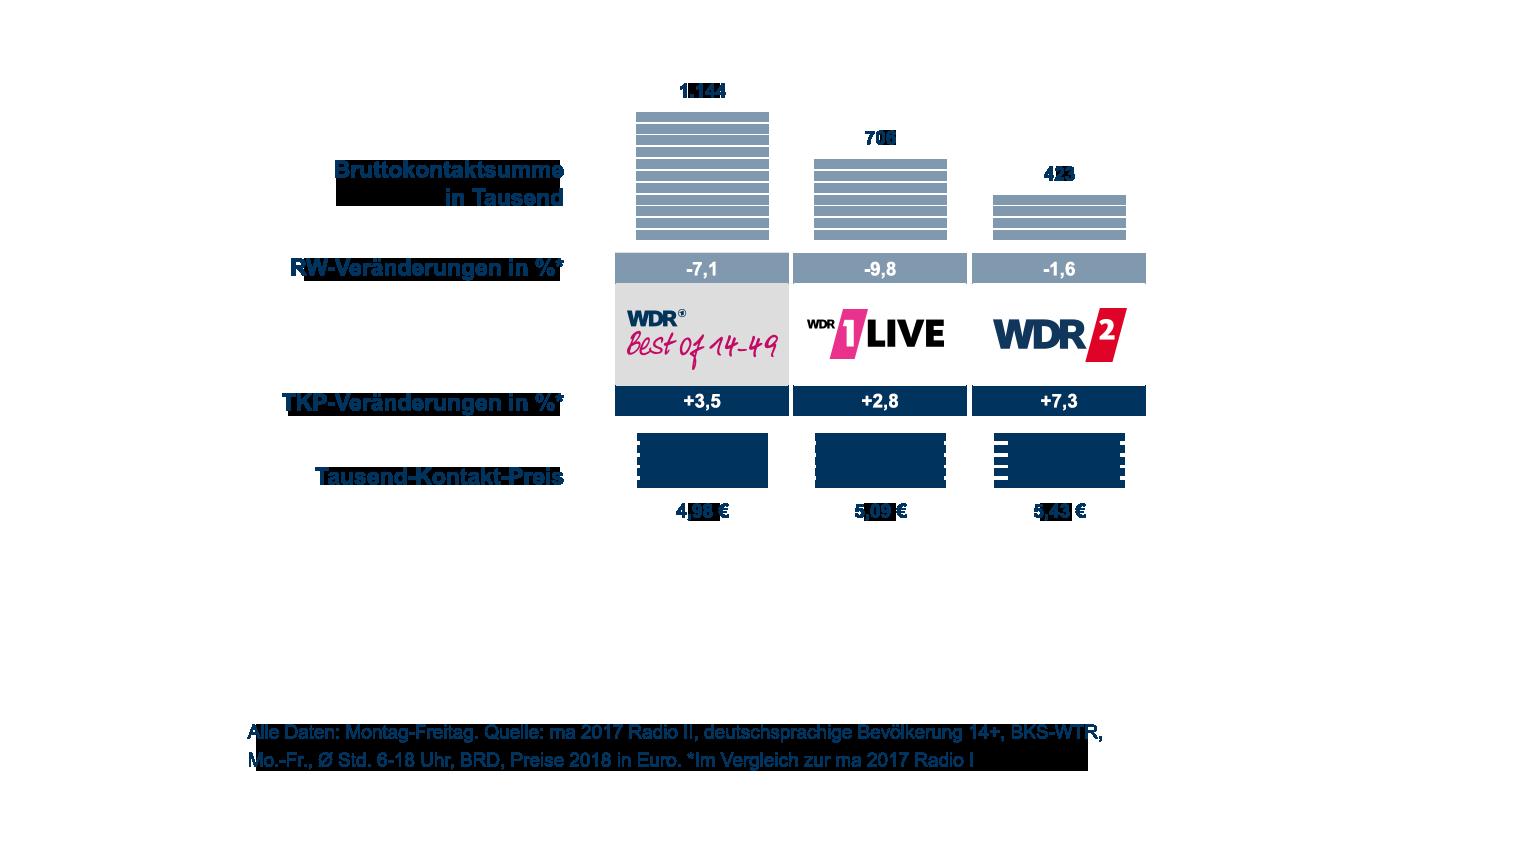 Media-Analyse 2017 Radio II Ergebnisse für die WDR Best of Kombi